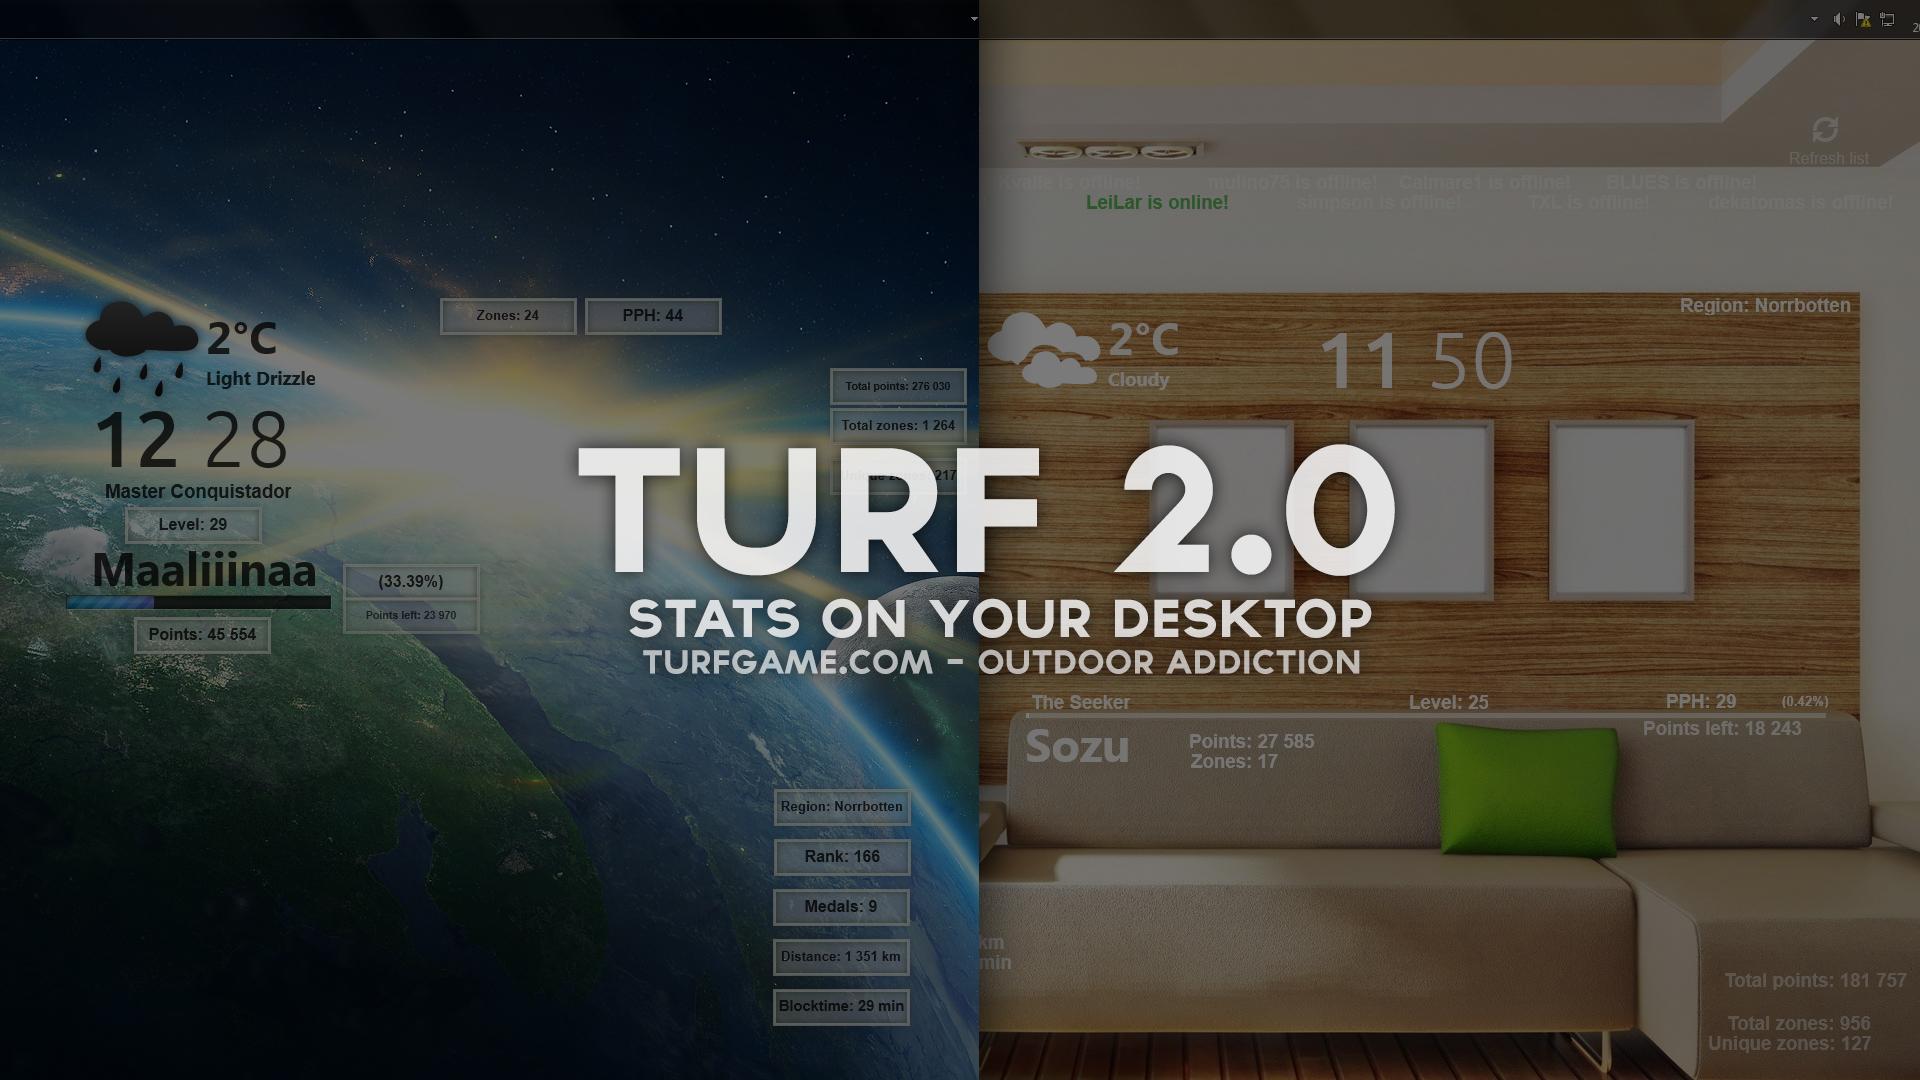 TURF 2.0 Rainmeter